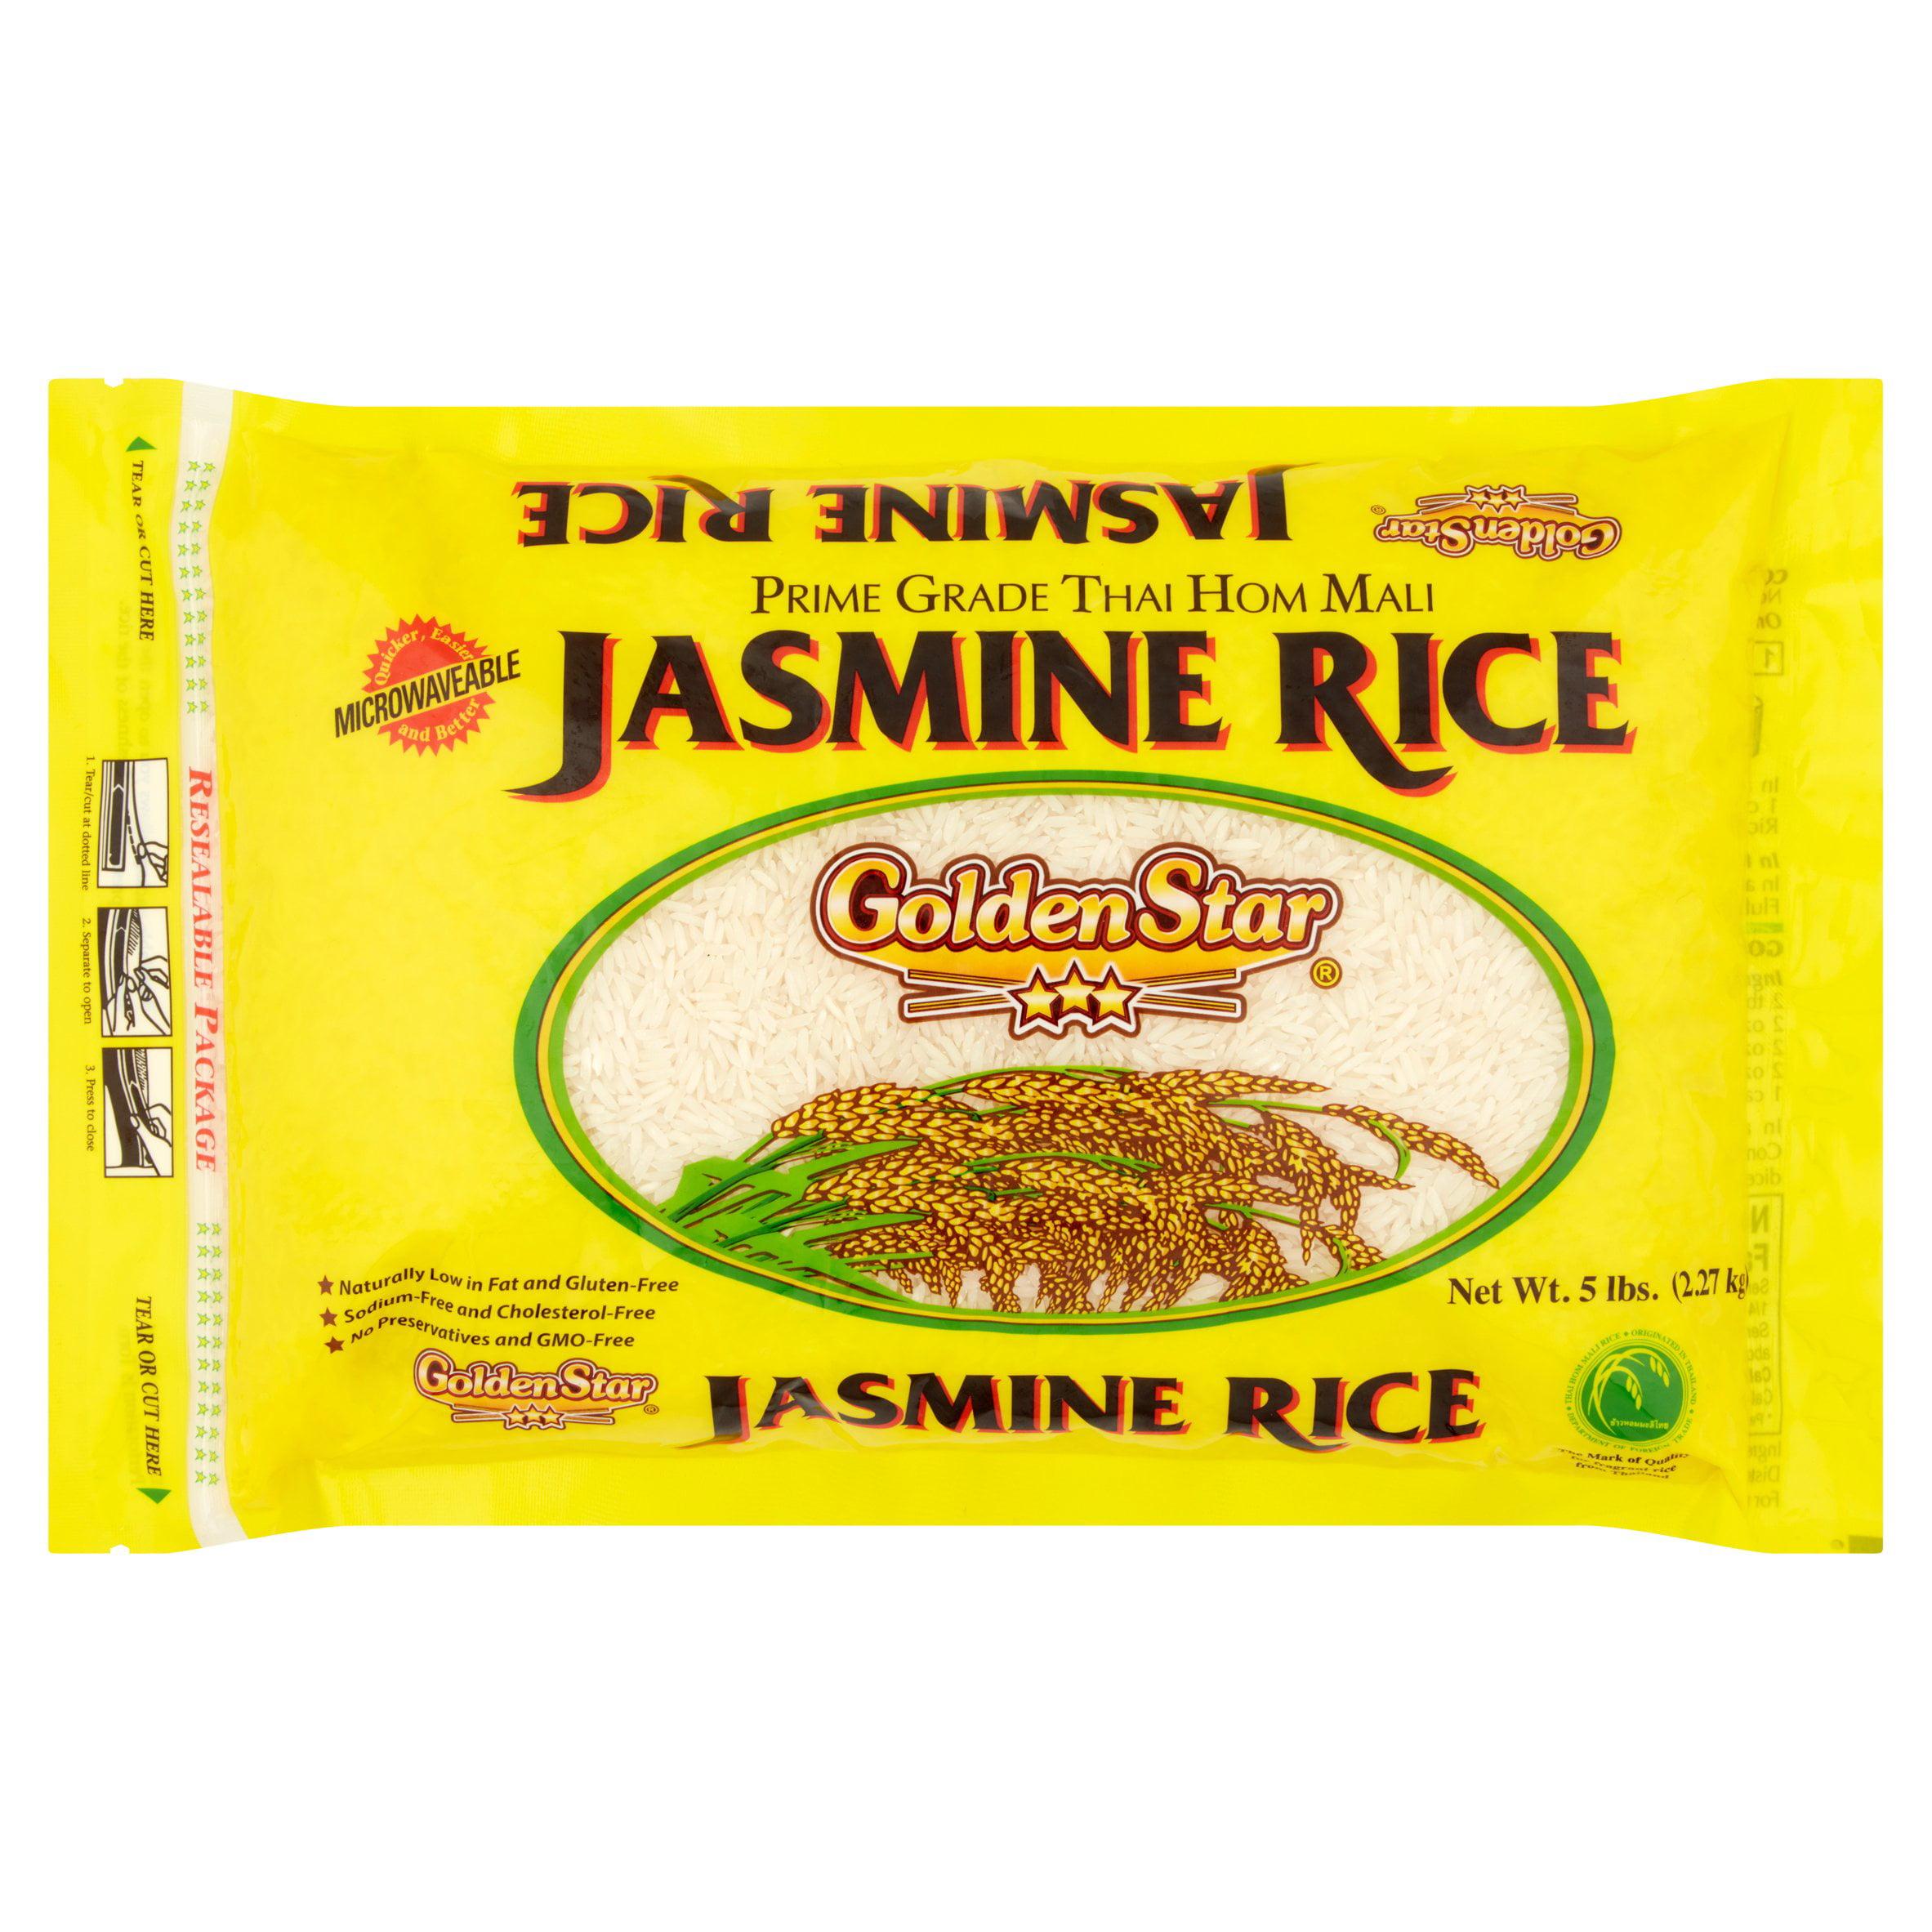 Golden Star Prime Grade Long Grain Fragrant Jasmine Rice, 5 lb by Golden Star Trading, Inc.